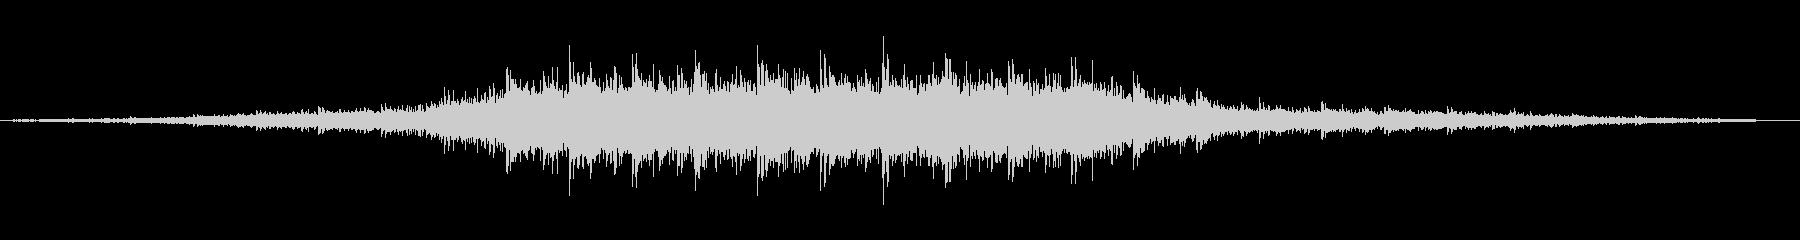 非常に不気味な不気味な幽霊船の音楽...の未再生の波形